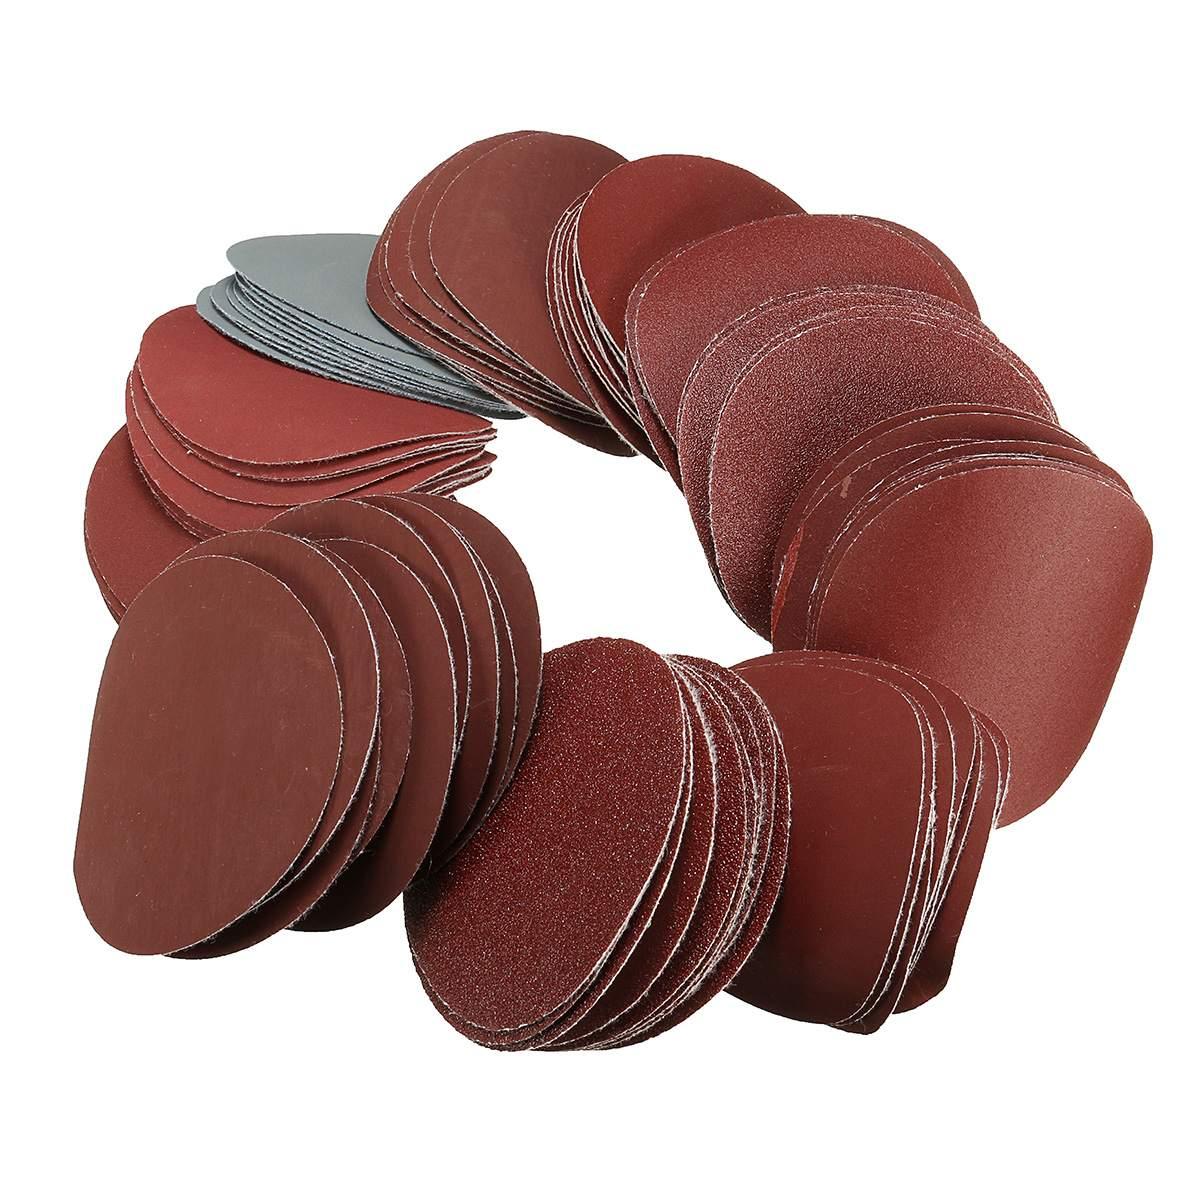 3 Inch Polishing Pad Sanding Discs Sandpaper For Sander Grits 80 120 240 400 600 800 1000 1200 1500 2000 3000 Grit 10Pcs/set